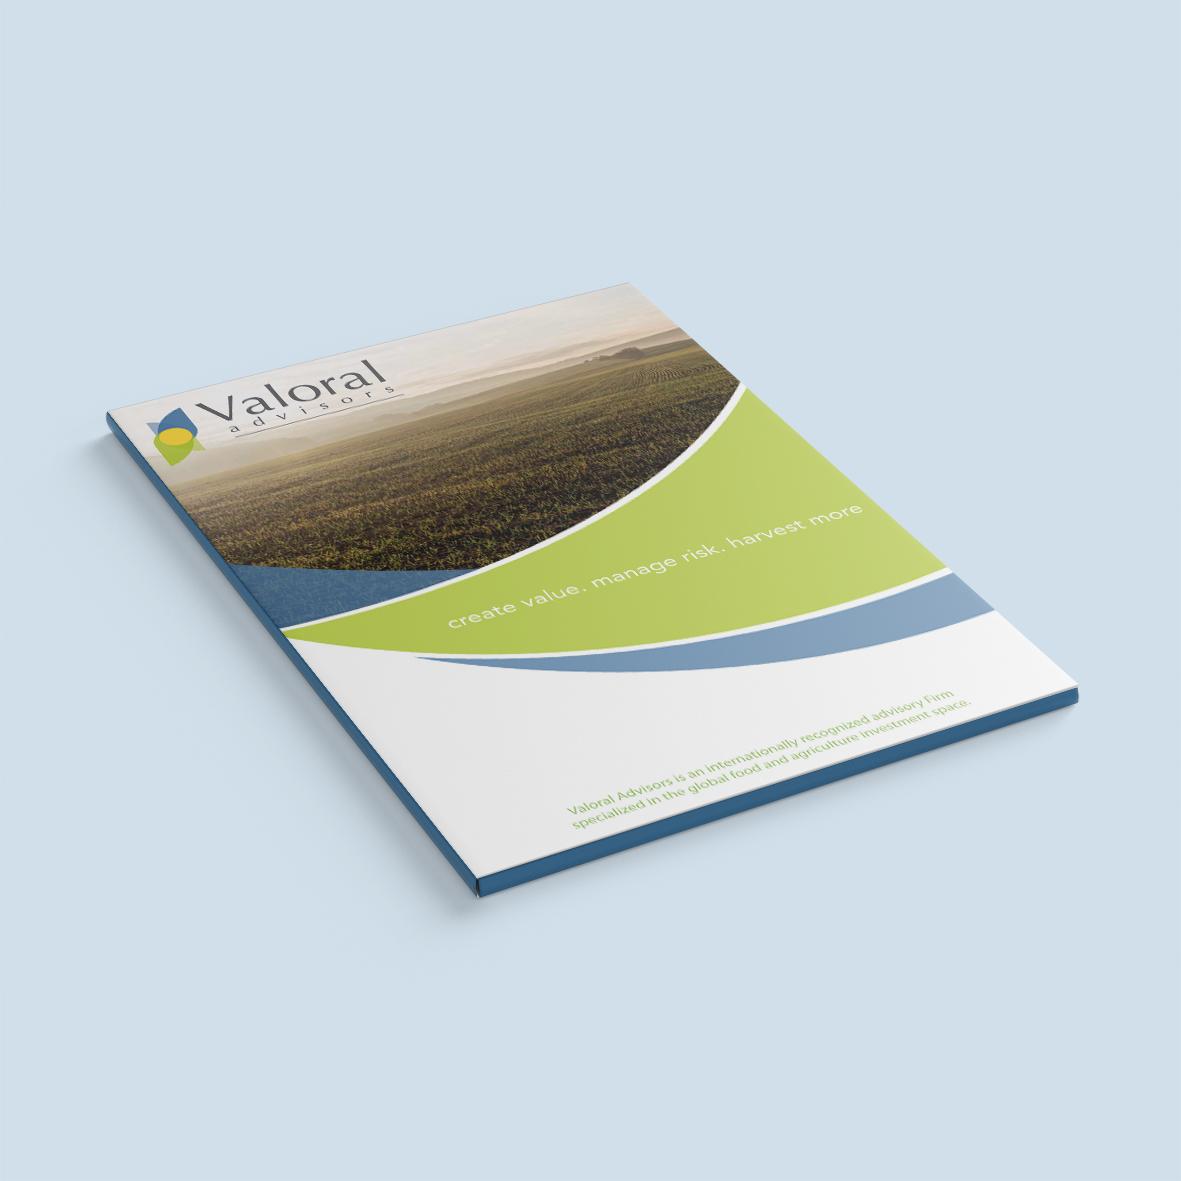 Valoral-Folder-Mockup-front.jpg